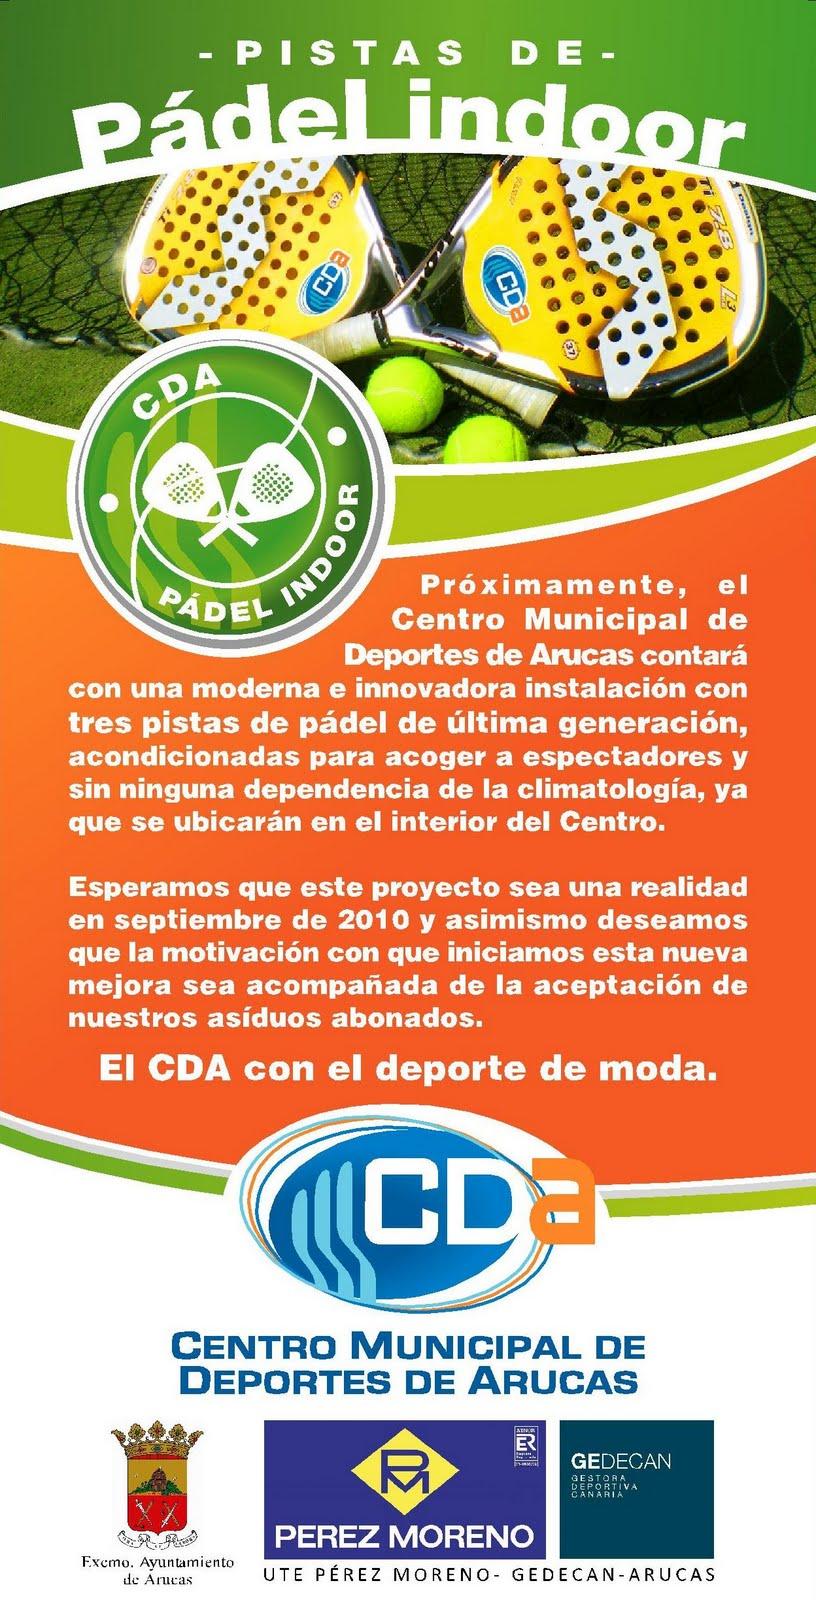 Centro municipal de deportes de arucas septiembre 2010 for Gran canaria padel indoor